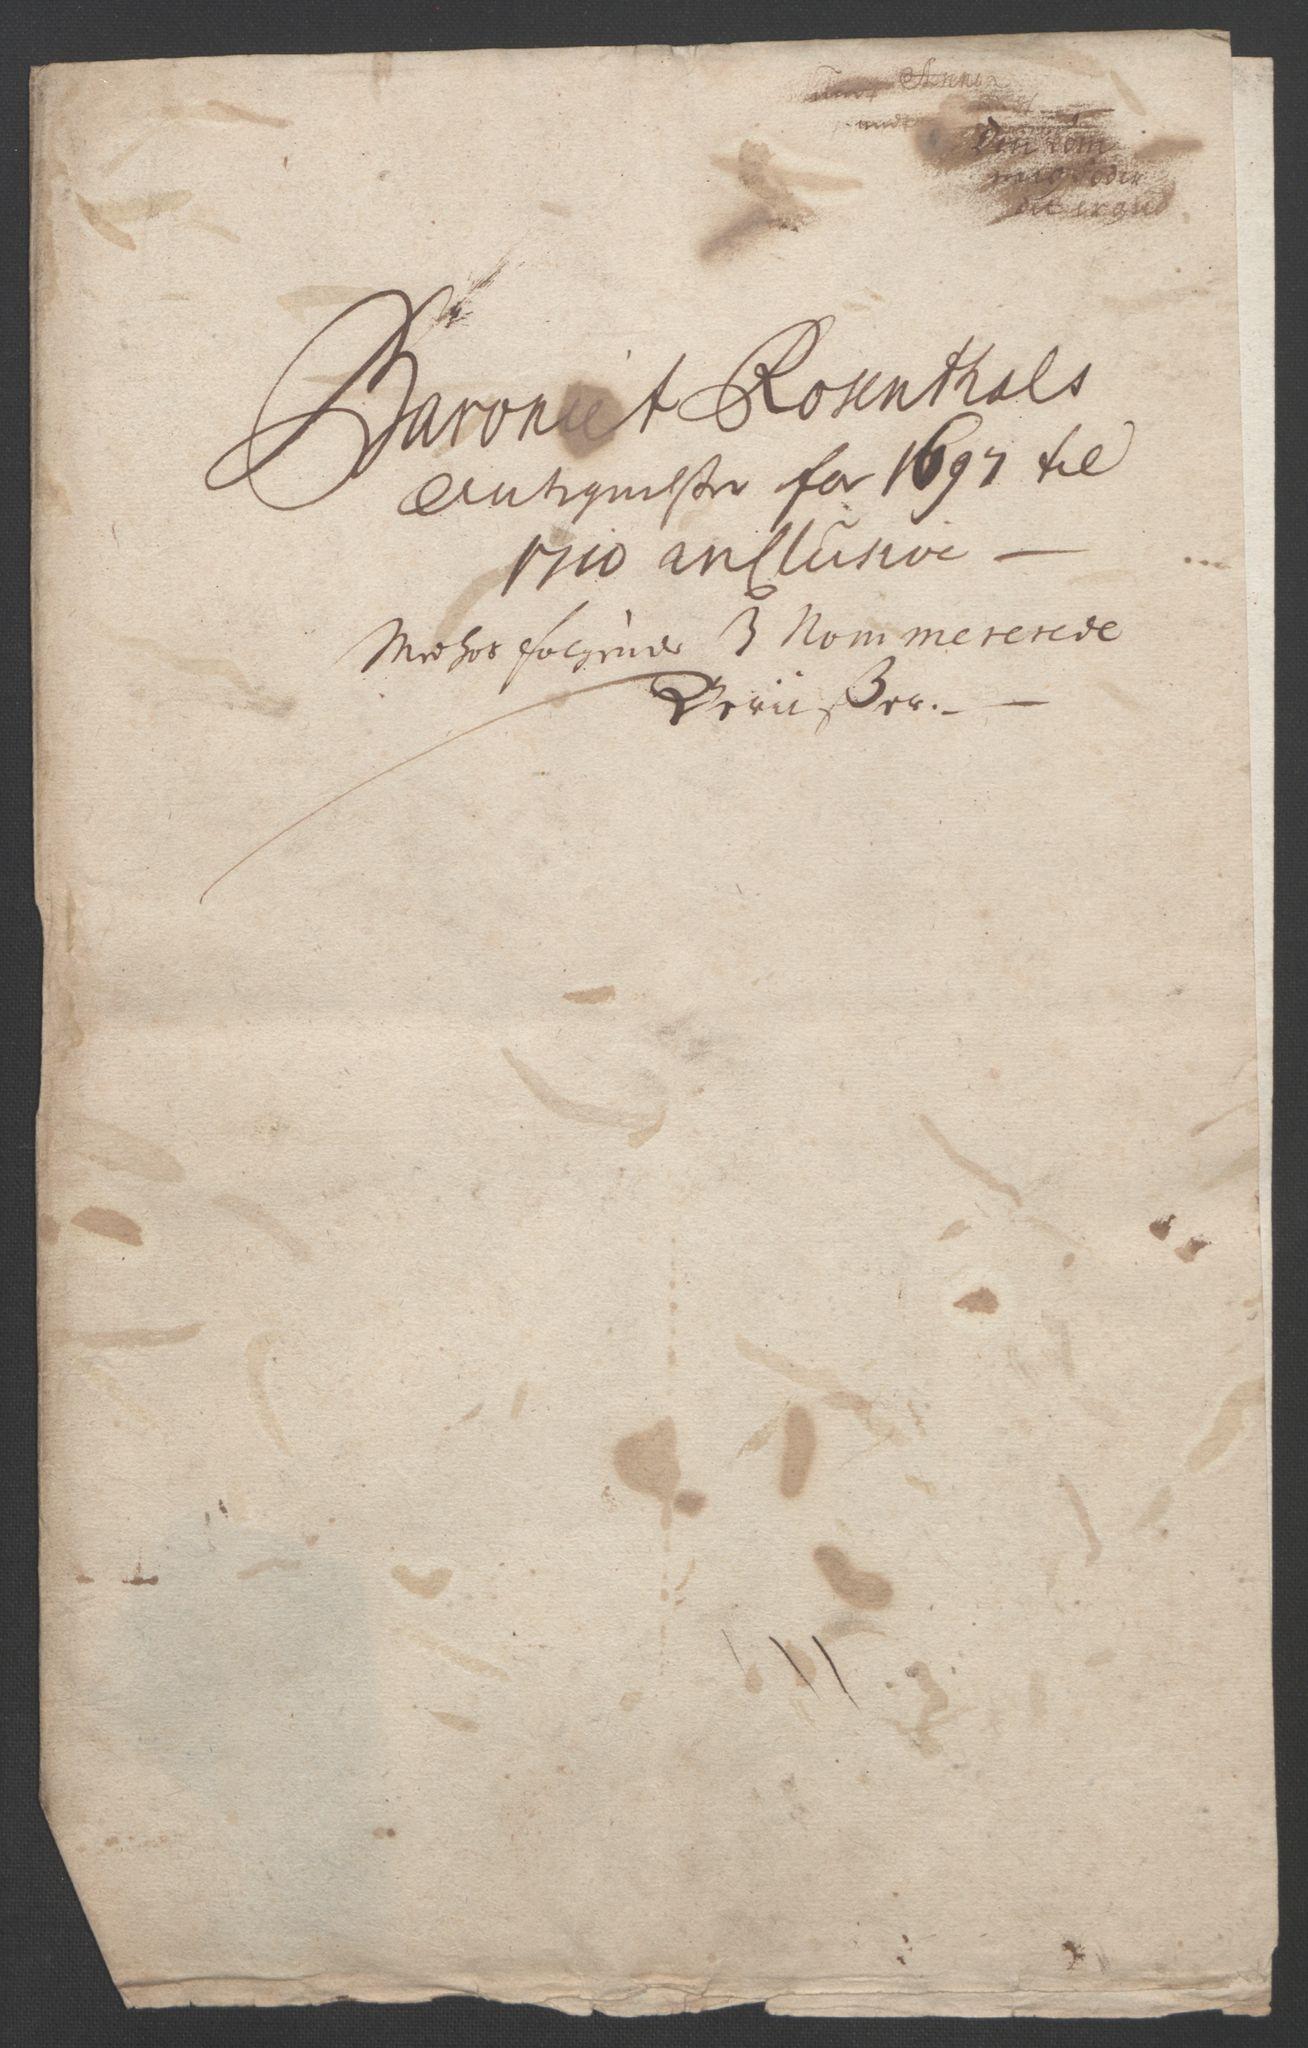 RA, Rentekammeret inntil 1814, Reviderte regnskaper, Fogderegnskap, R49/L3138: Fogderegnskap Rosendal Baroni, 1691-1714, s. 252